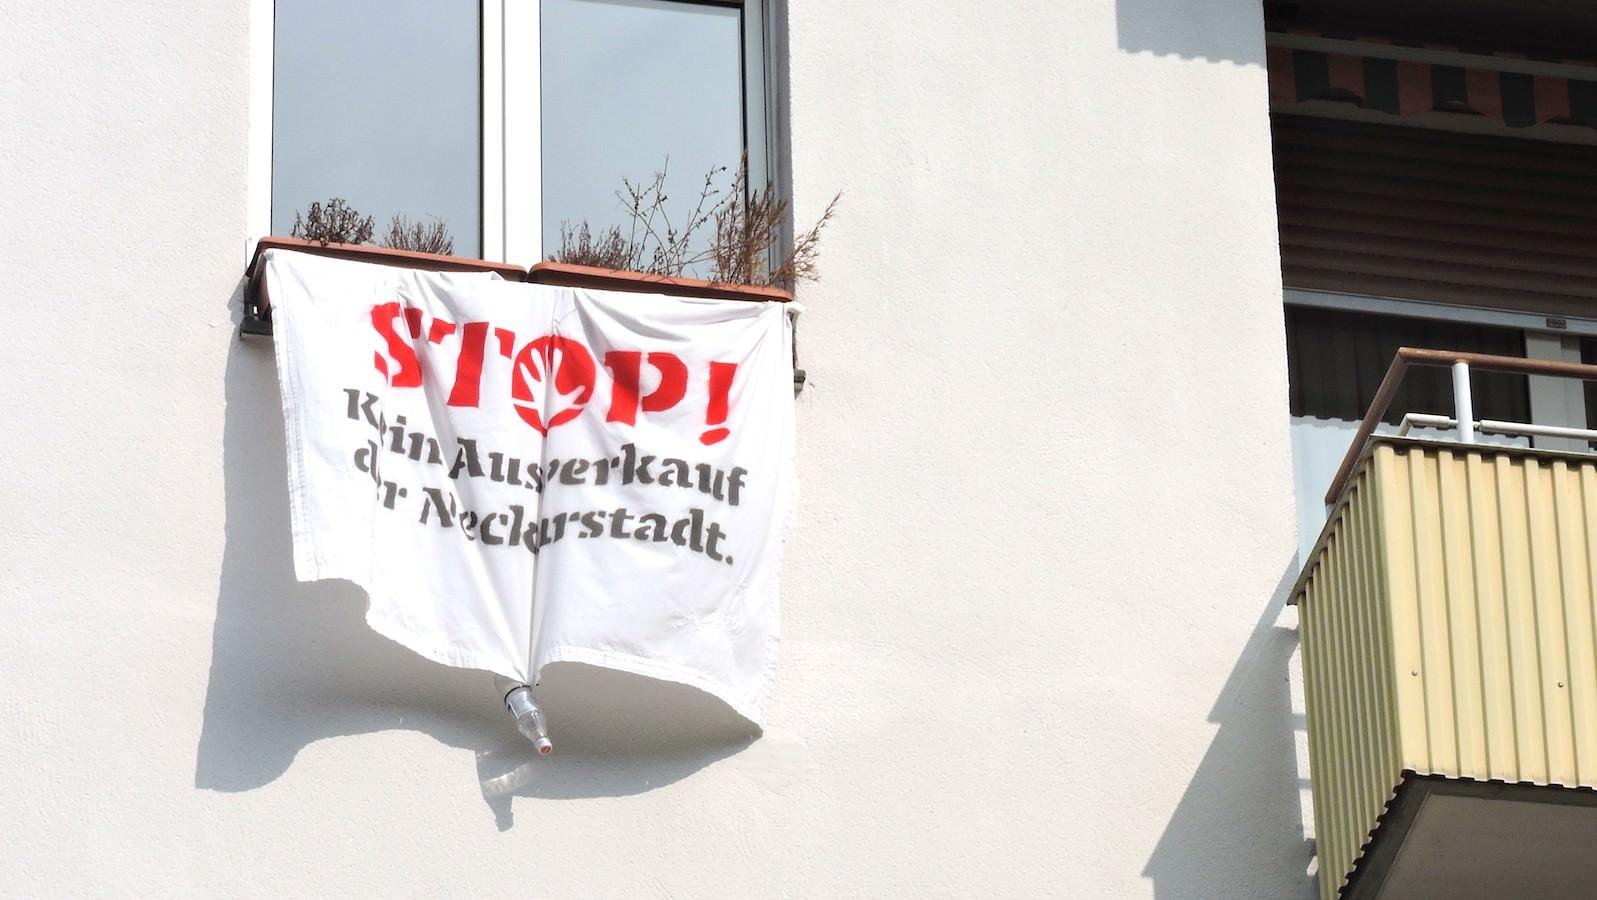 Die Fenster- und Balkon-Demonstration wird von einem Bündnis Mannheimer Initiativen veranstaltet: OST – Offenes Stadtteiltreffen Neckarstadt West & Ost, Ewwe Longt's – Linkes Zentrum Mannheim, FairMieten – Initiative gegen Mietwucher in der Neckarstadt   Foto: privat